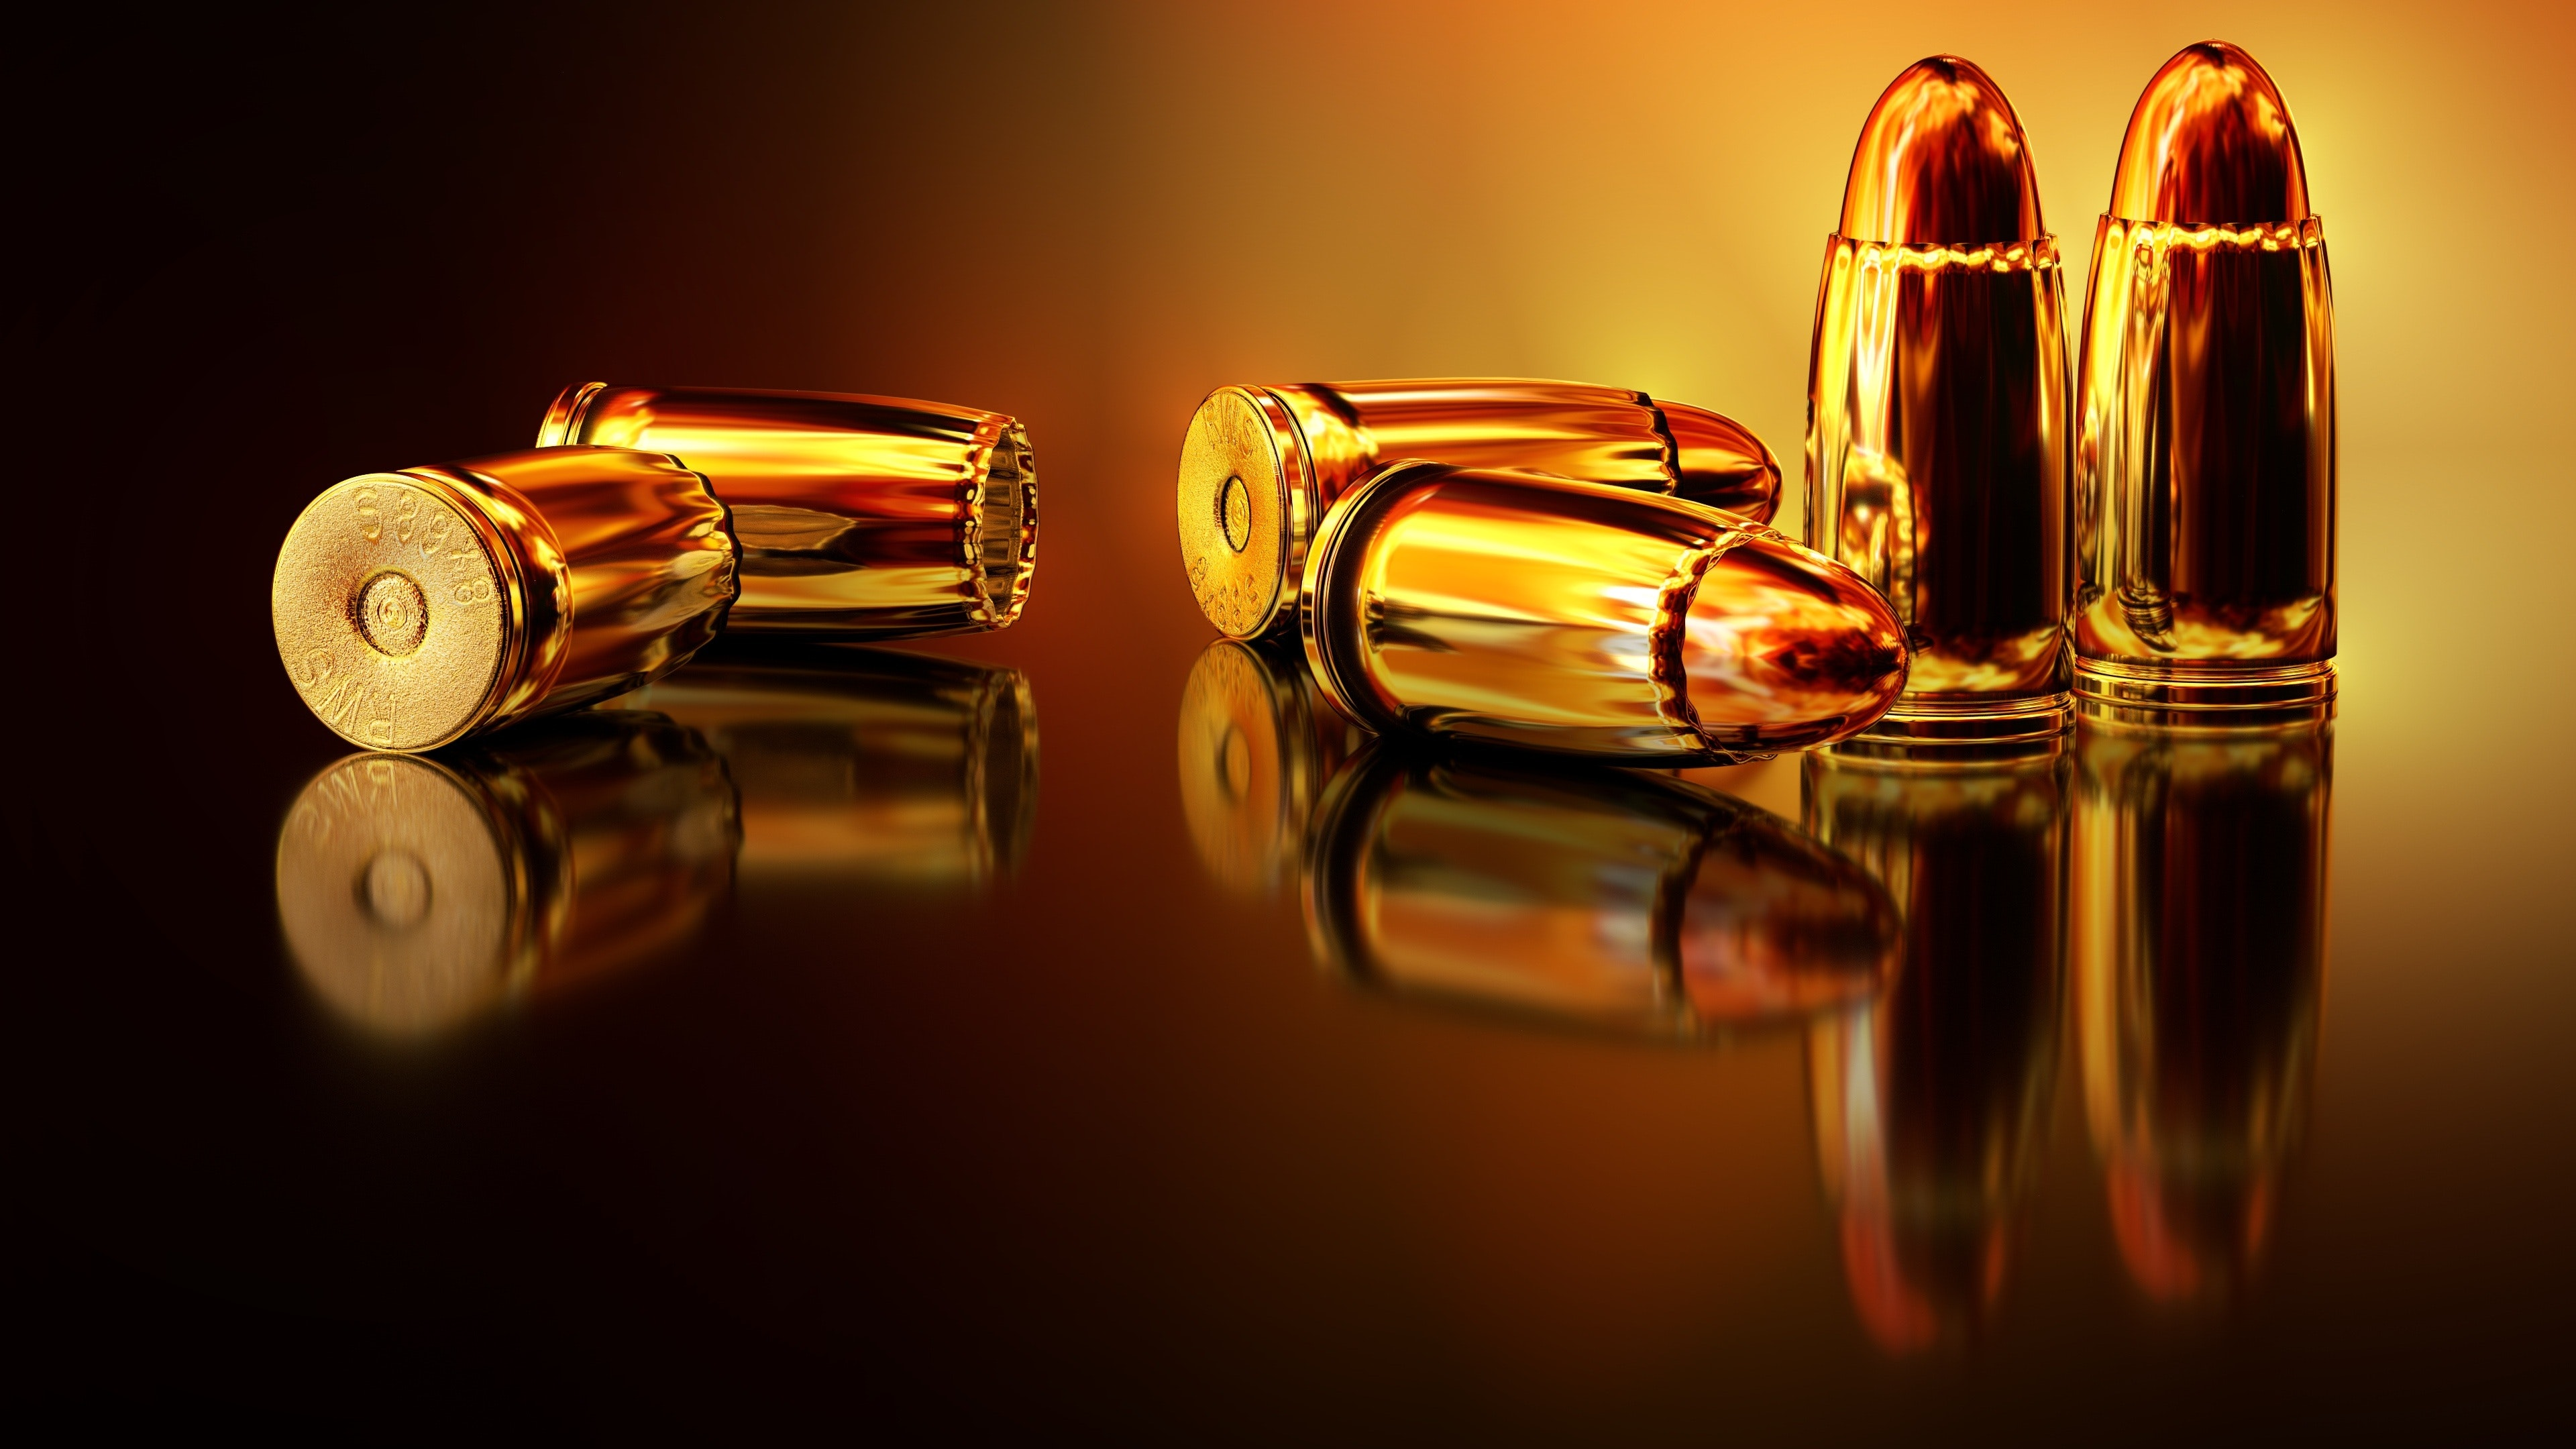 Ammunition och andra utgifter